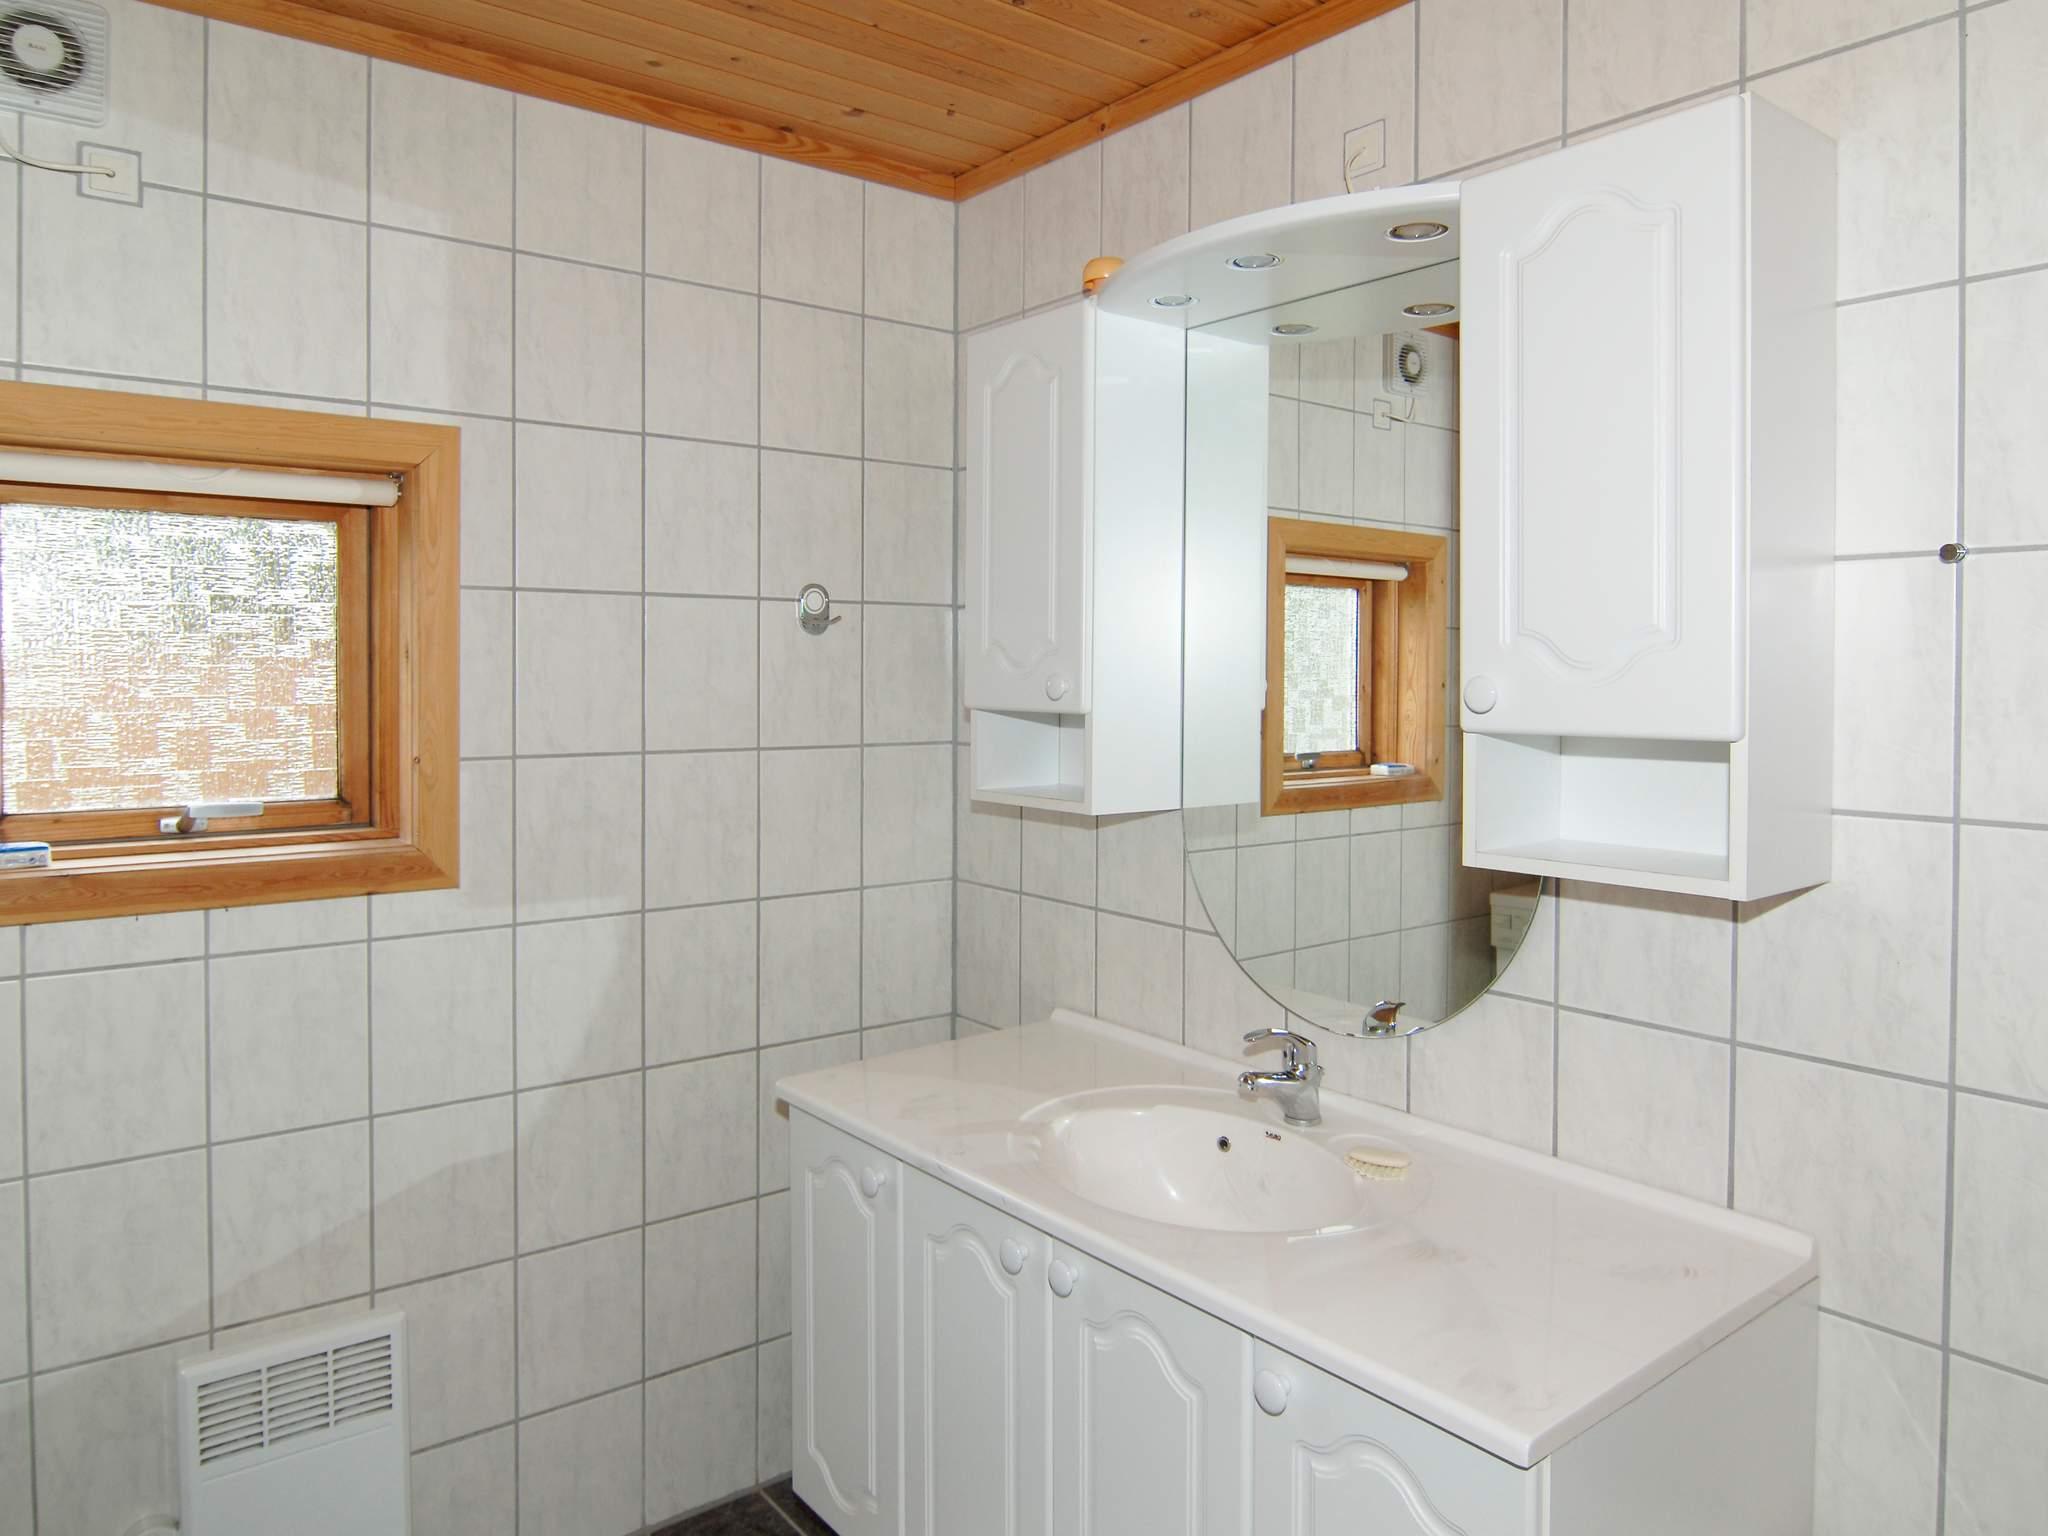 Ferienhaus Binderup Strand (82391), Binderup, , Südostjütland, Dänemark, Bild 10